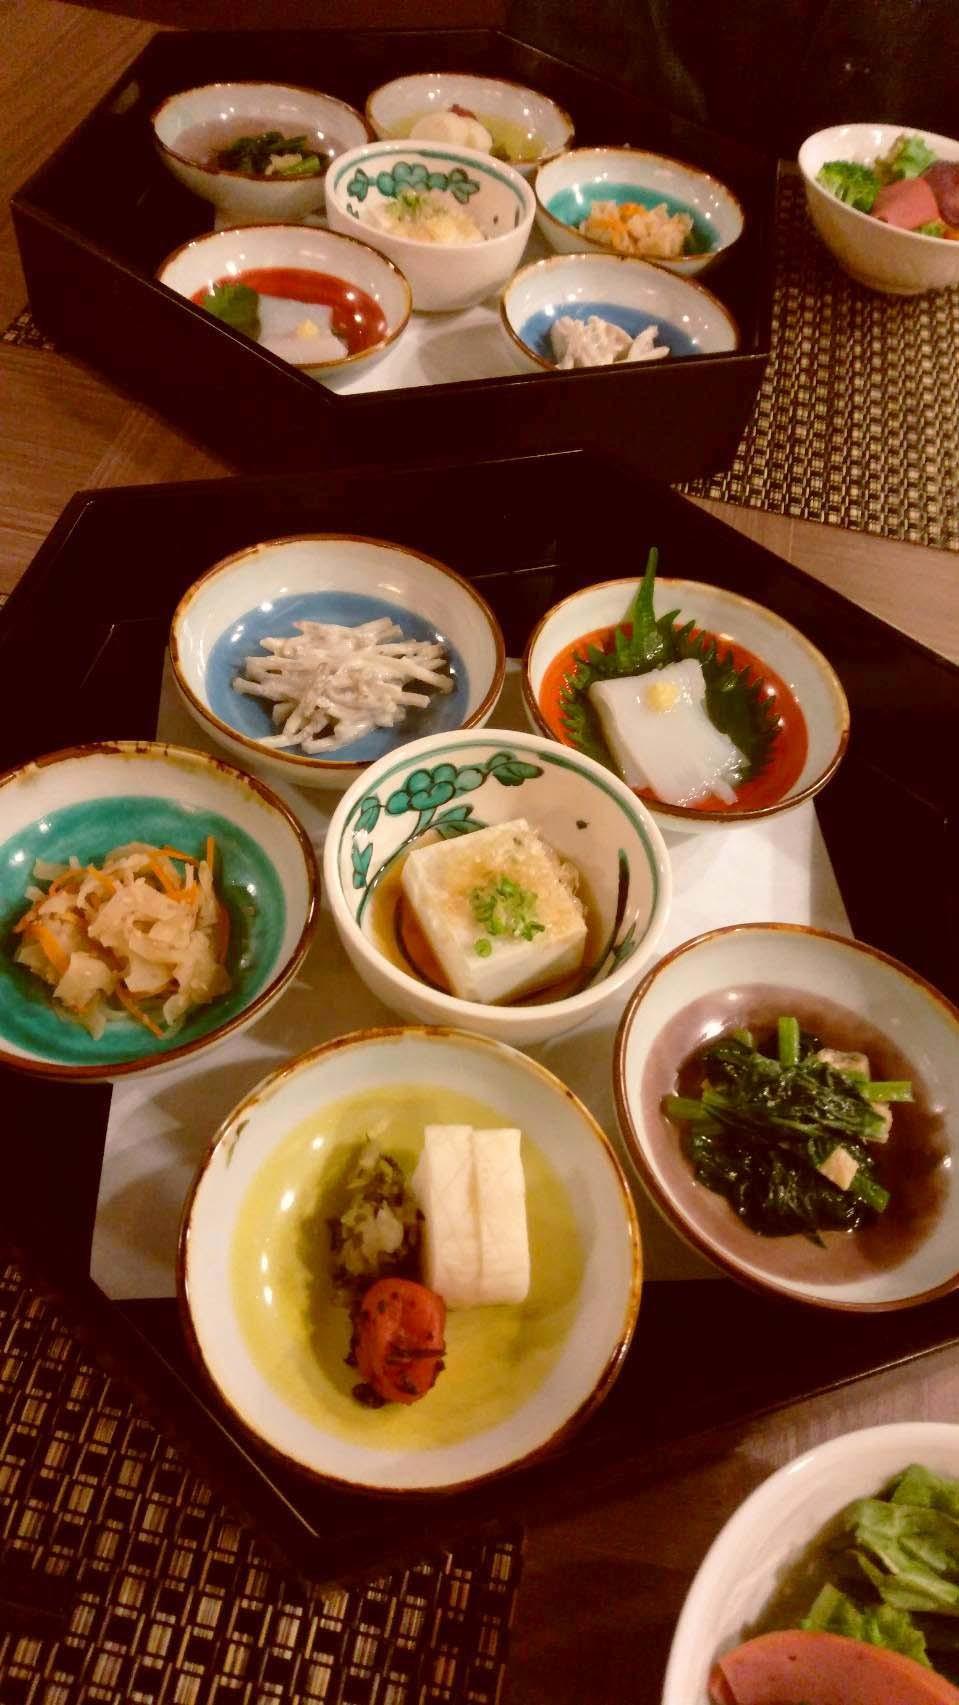 湯涌温泉朝市の野菜ごはん_d0377645_22445152.jpg